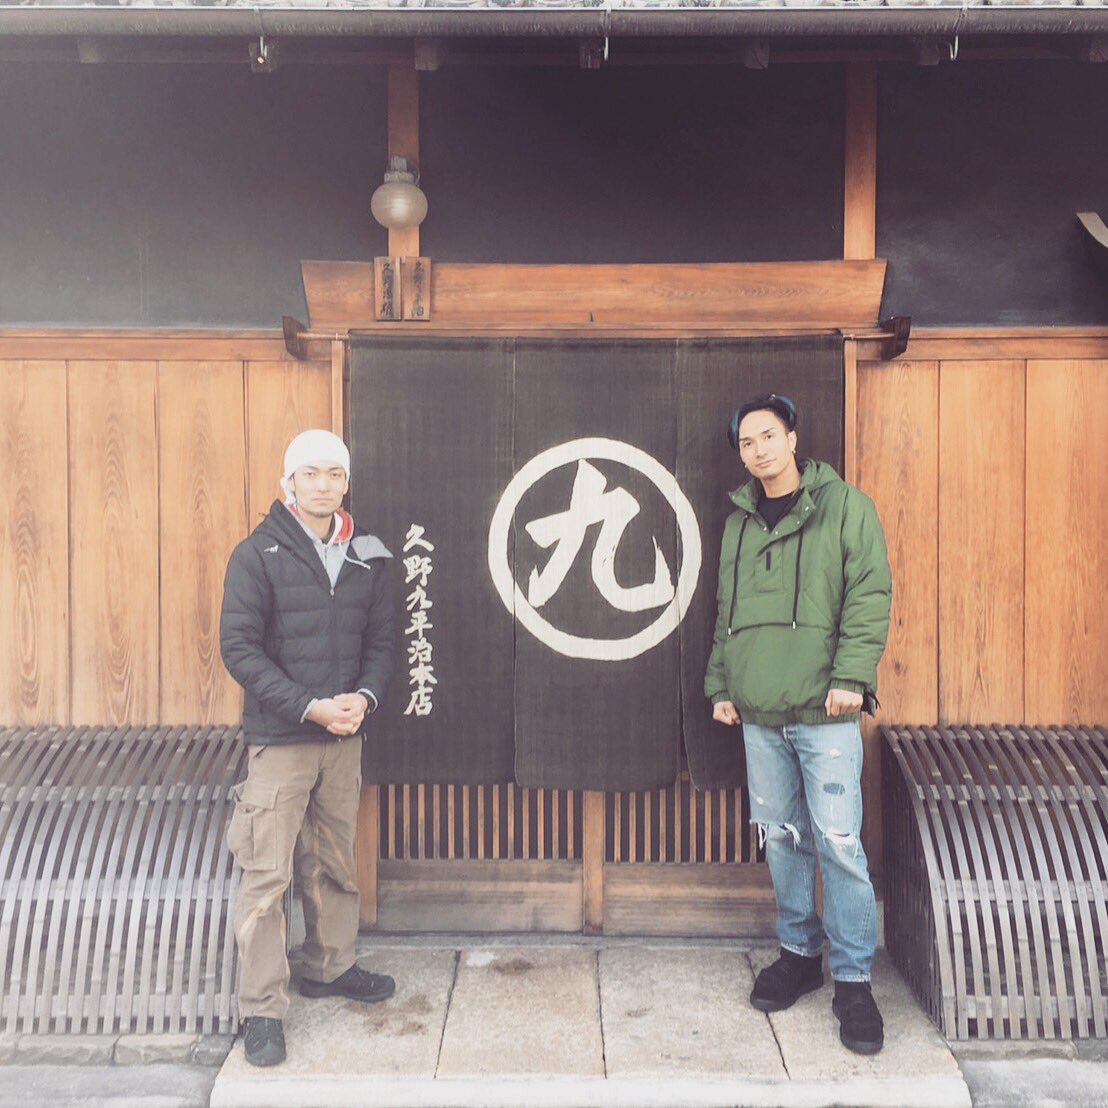 先日訪れた名古屋の萬乗醸造の小塚さんと😊✨醸し人九平次を造られている酒蔵さんです🍶✨異文化をミックス…